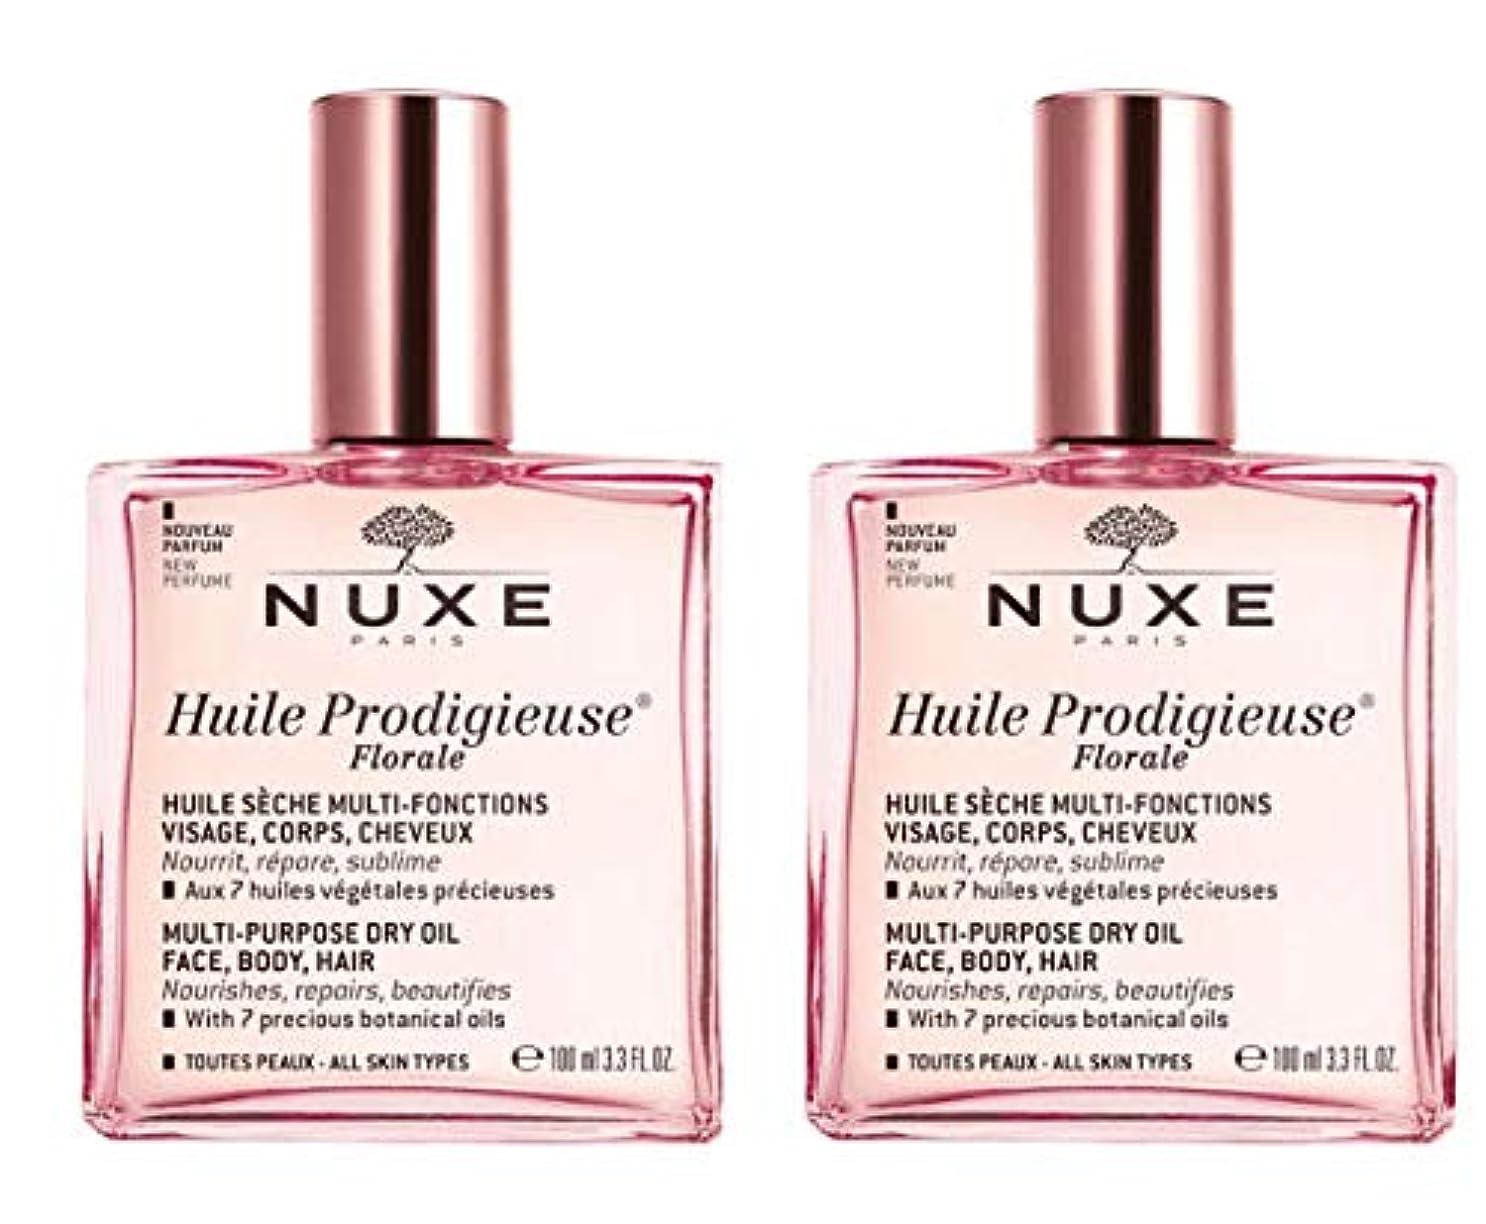 冷蔵する安全ガウンニュクス NUXE プロディジュー フローラルオイル 100ml 2本セット 花の香りと共に新発売 海外直送品